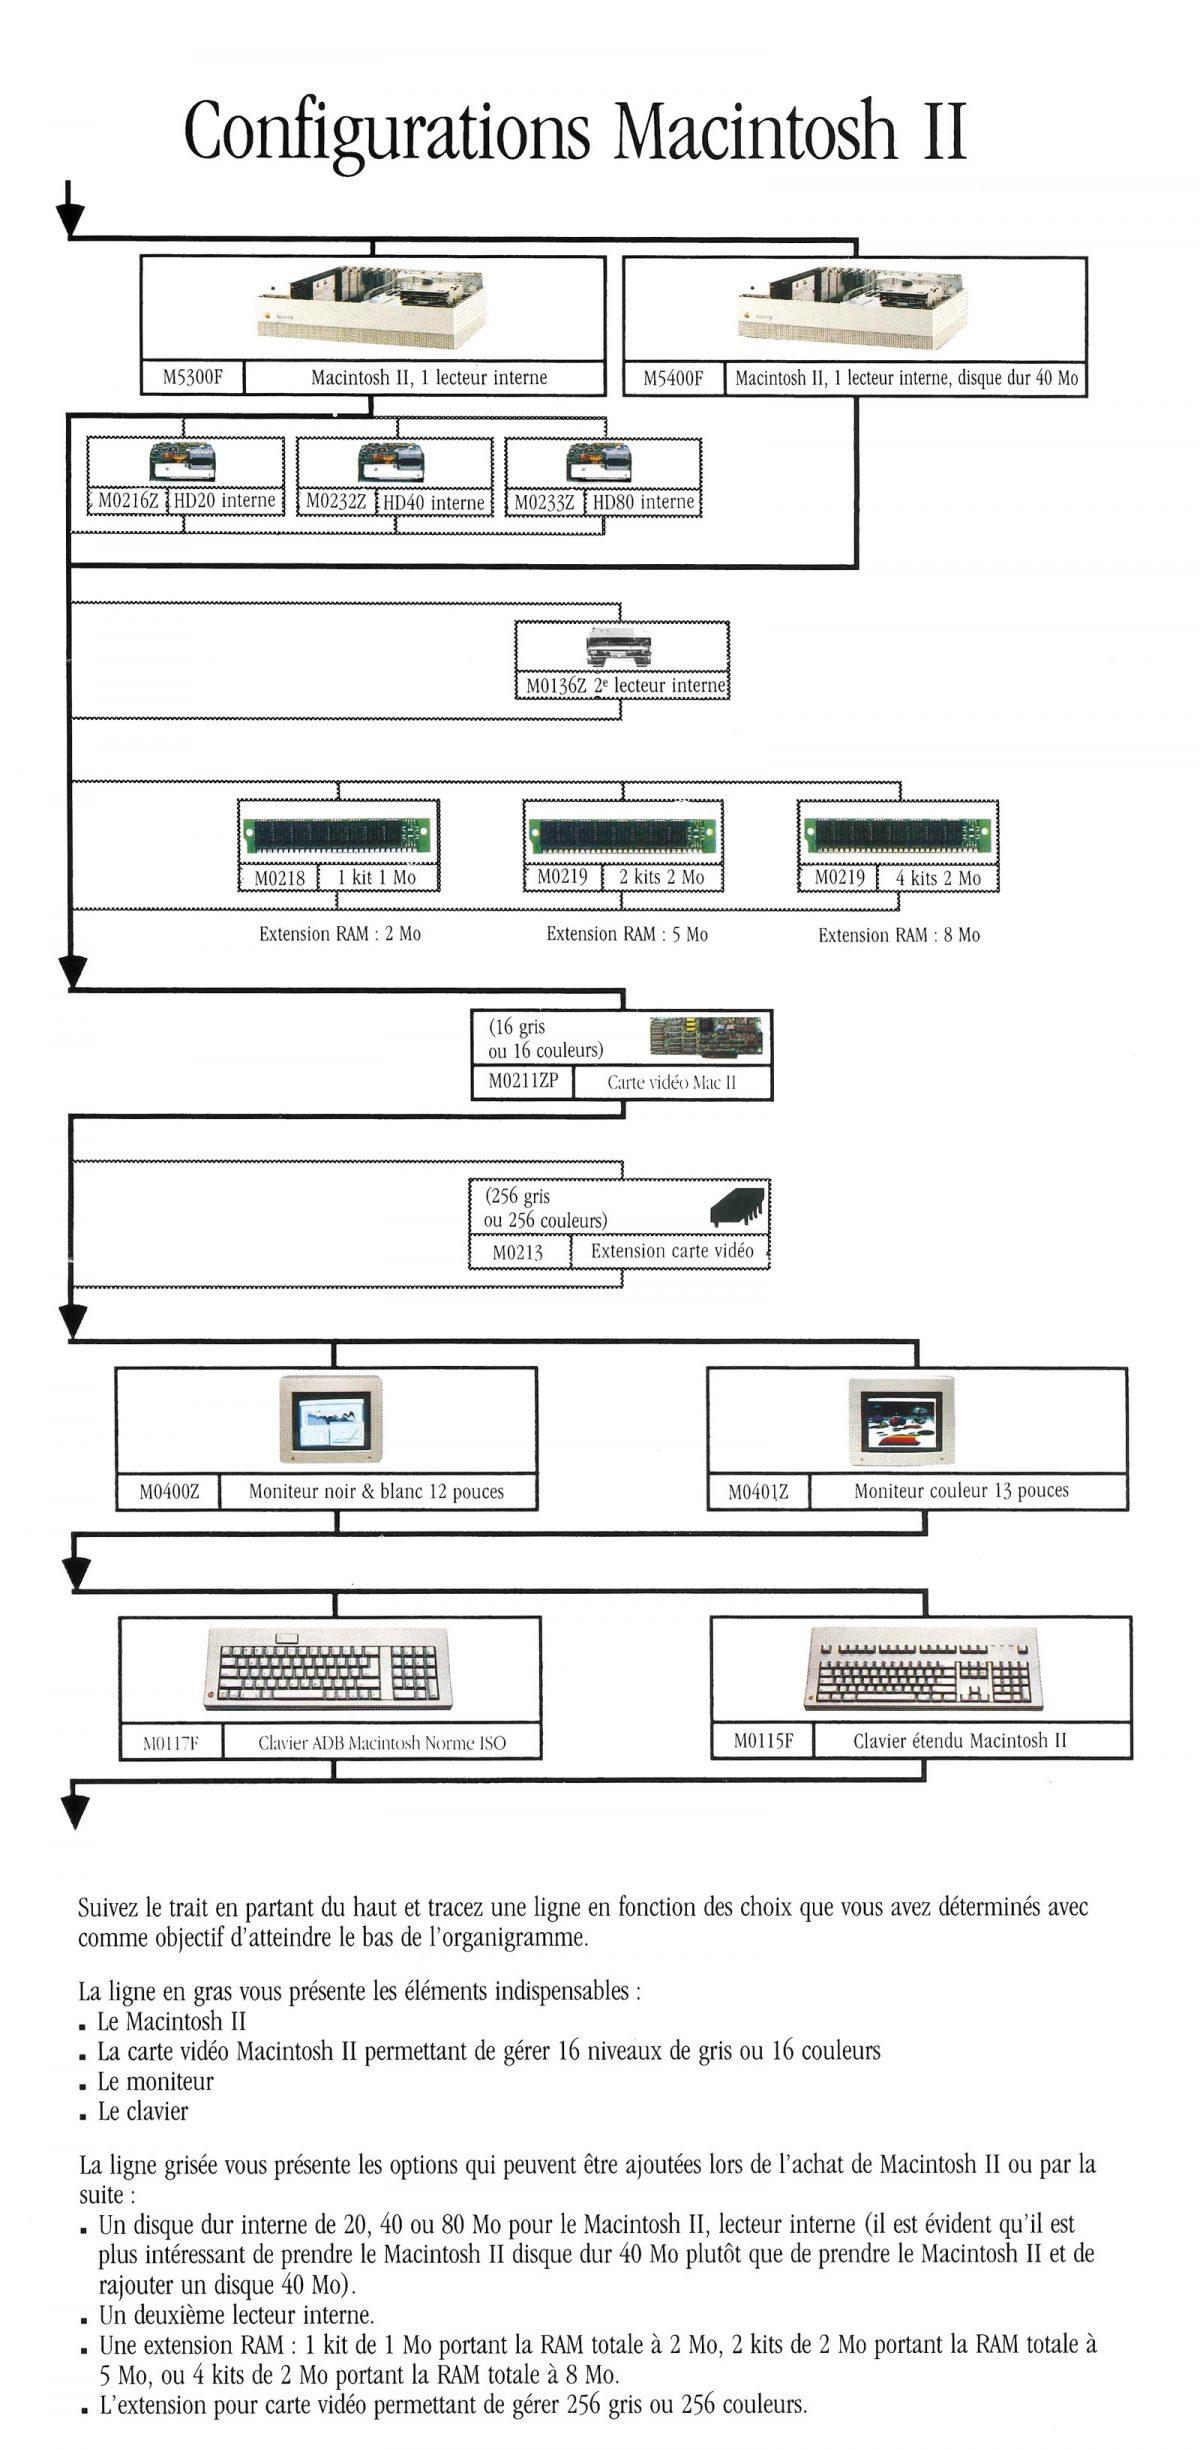 Macintosh II configurations Apple 1987